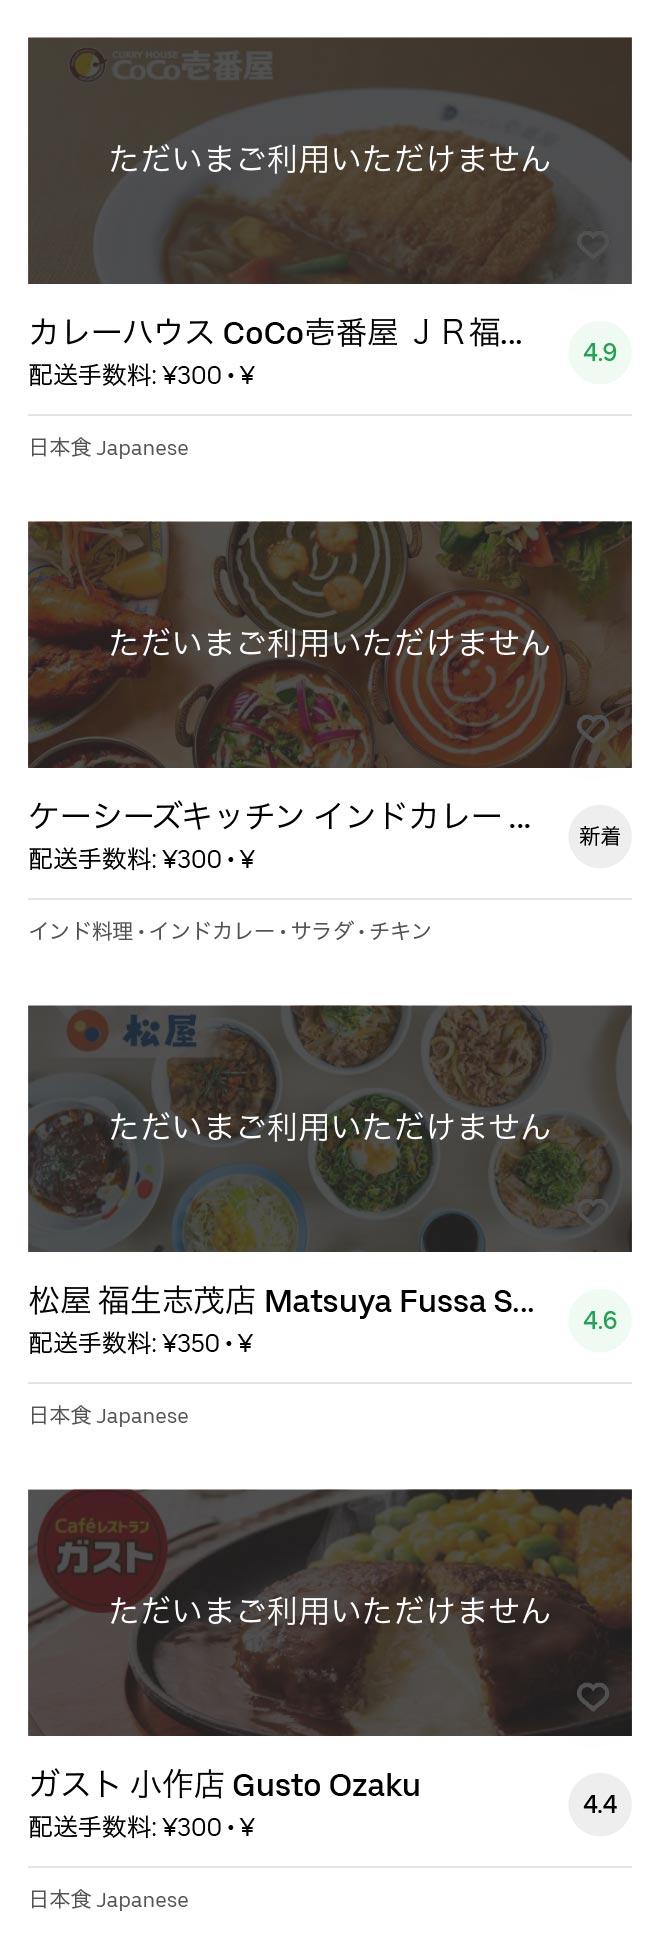 Hamura menu 2004 04